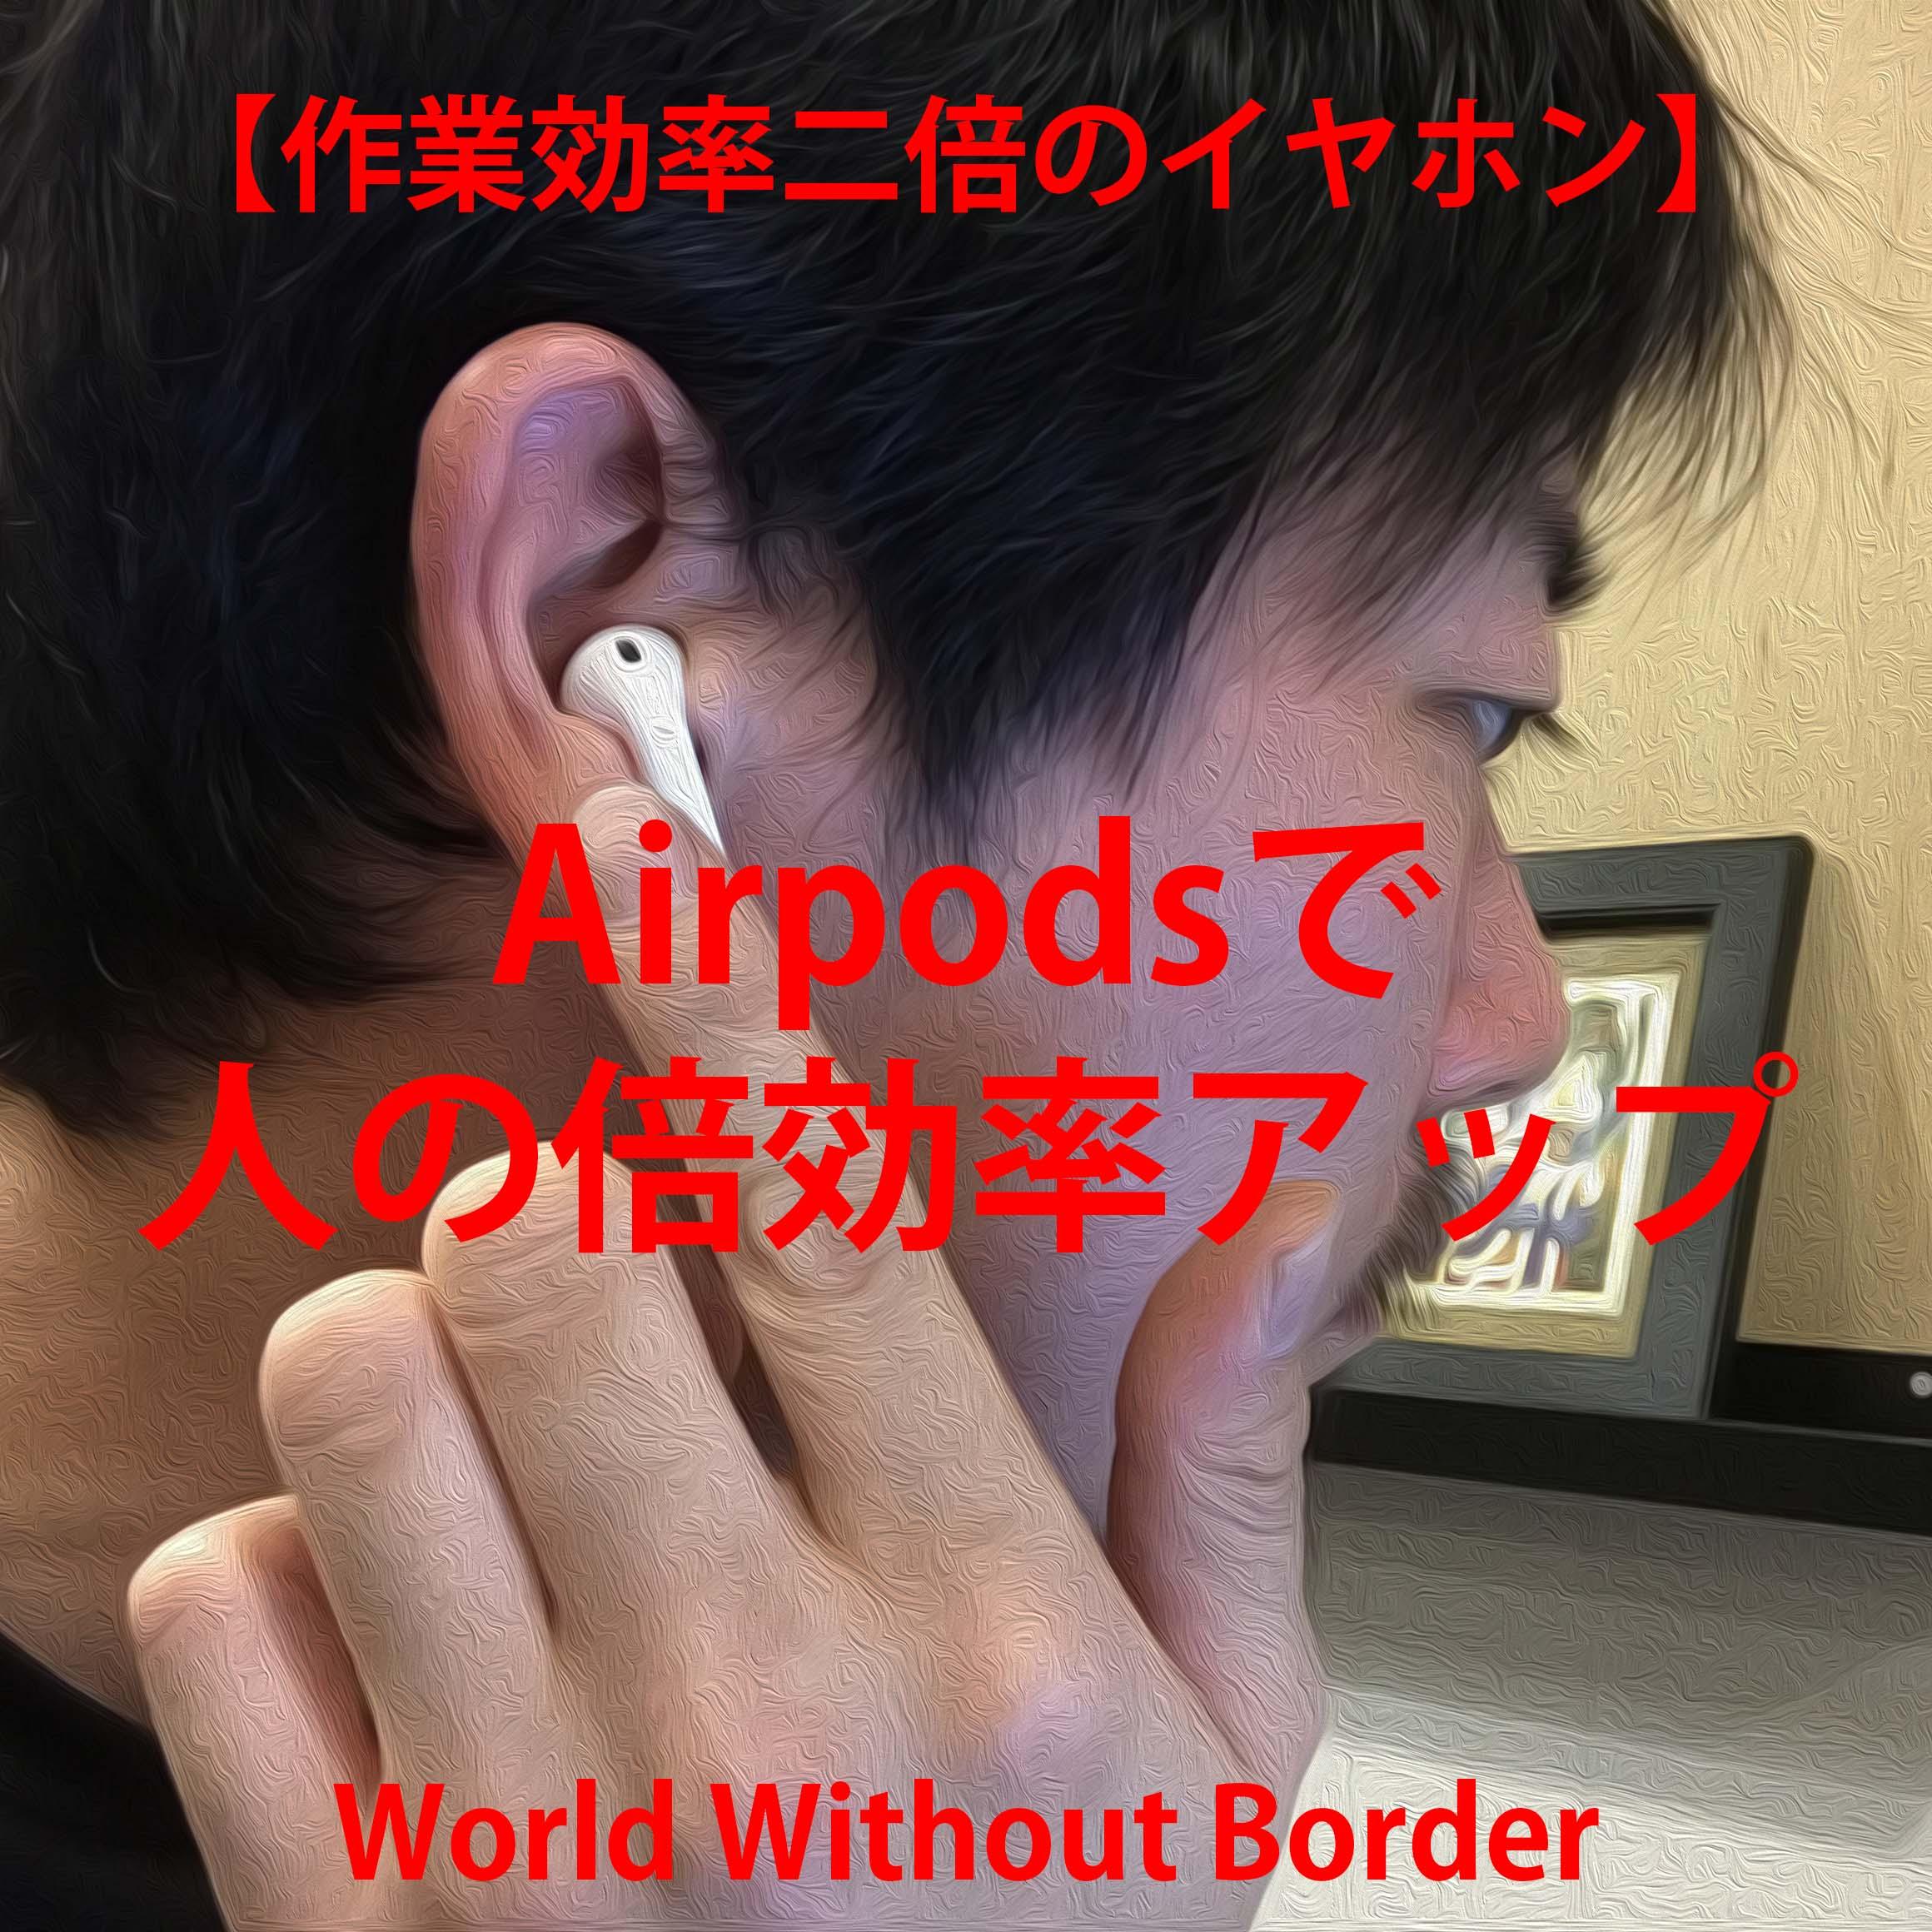 【作業効率2倍のイヤホン】Airpodsで人の倍動ける方法